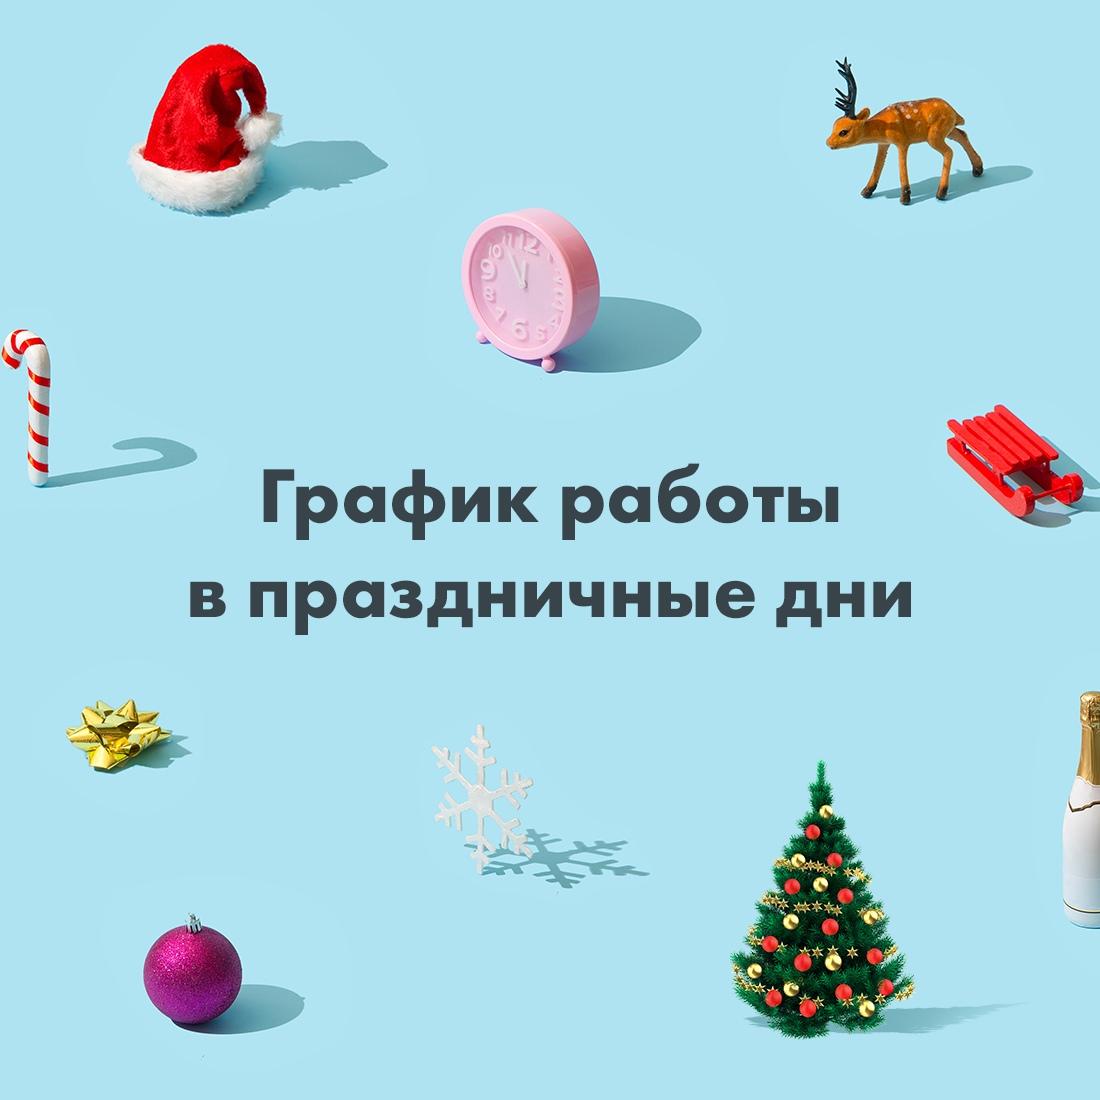 райффайзенбанк официальный кредит москва управление кредитным портфелем коммерческого банка